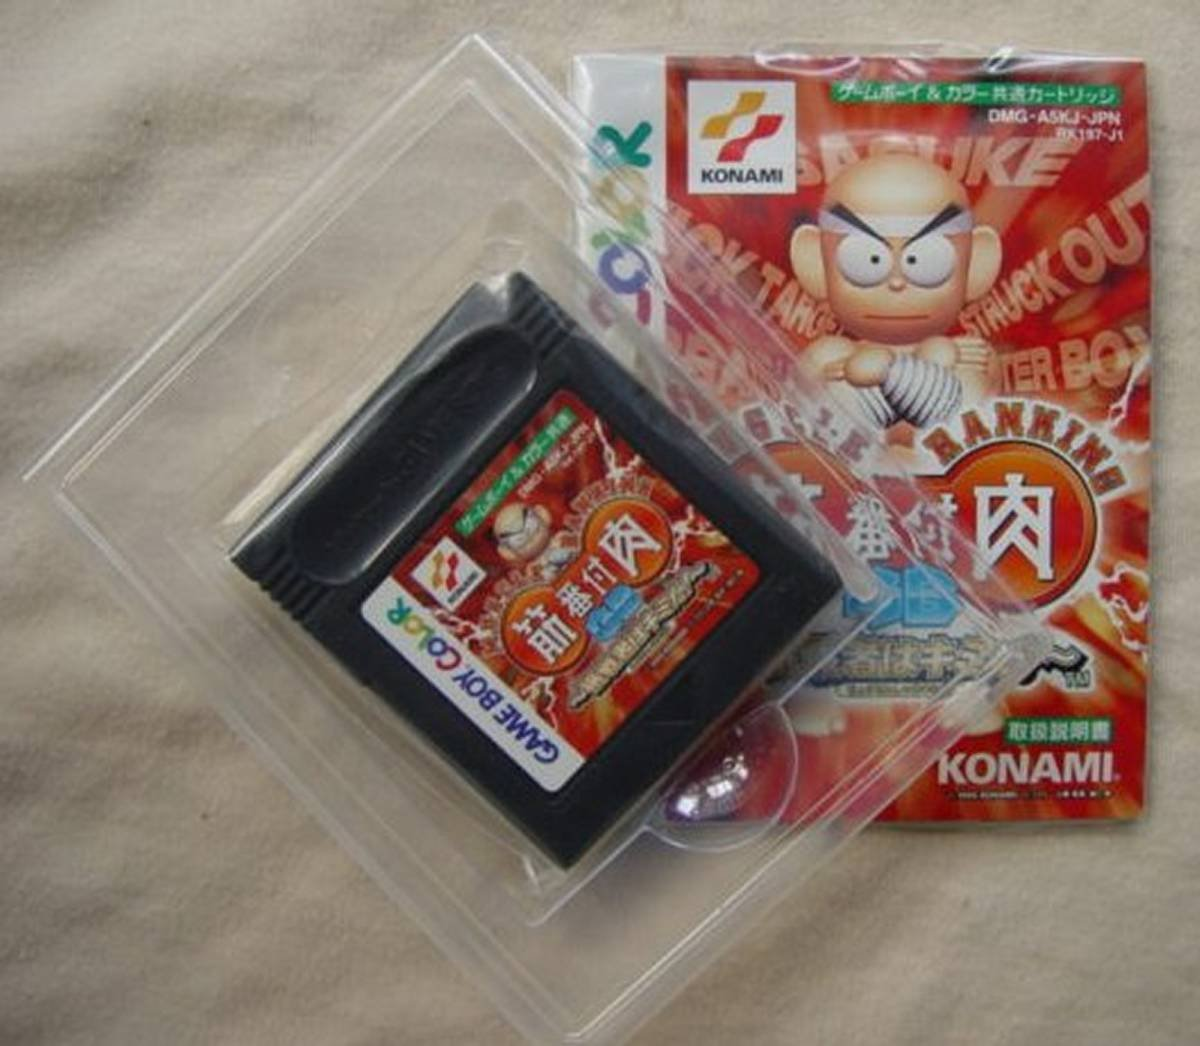 ゲームボーイカラー ゲーム 筋肉番付 DMG-A5KJ-JPN